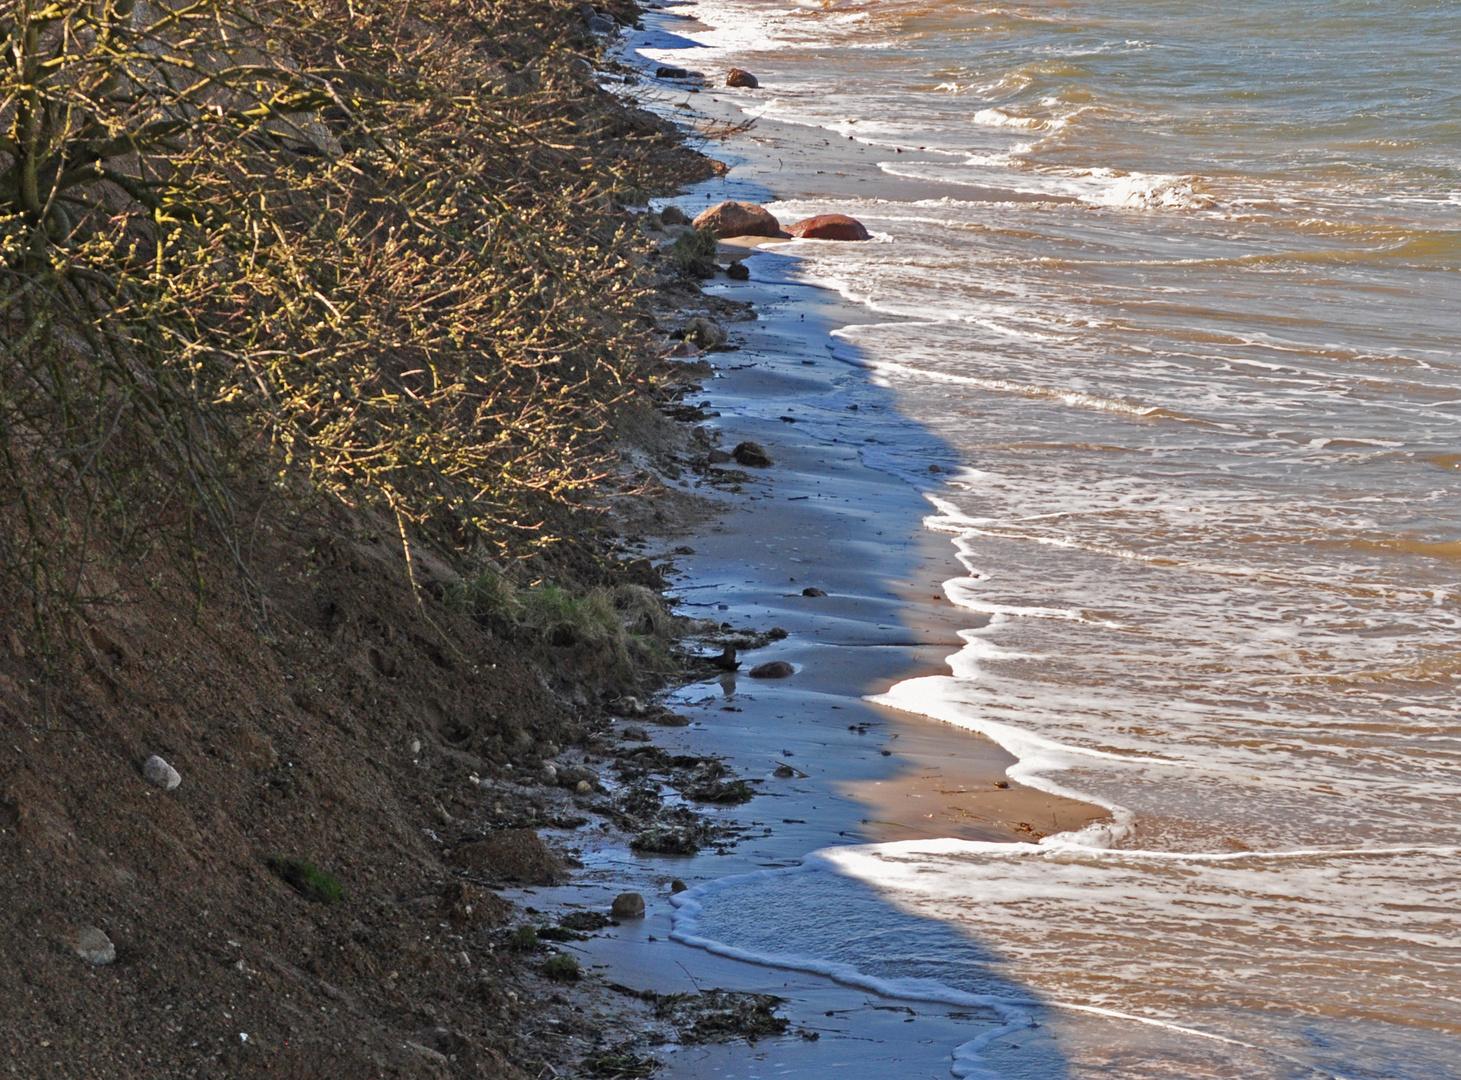 Die See nagt an der Küste